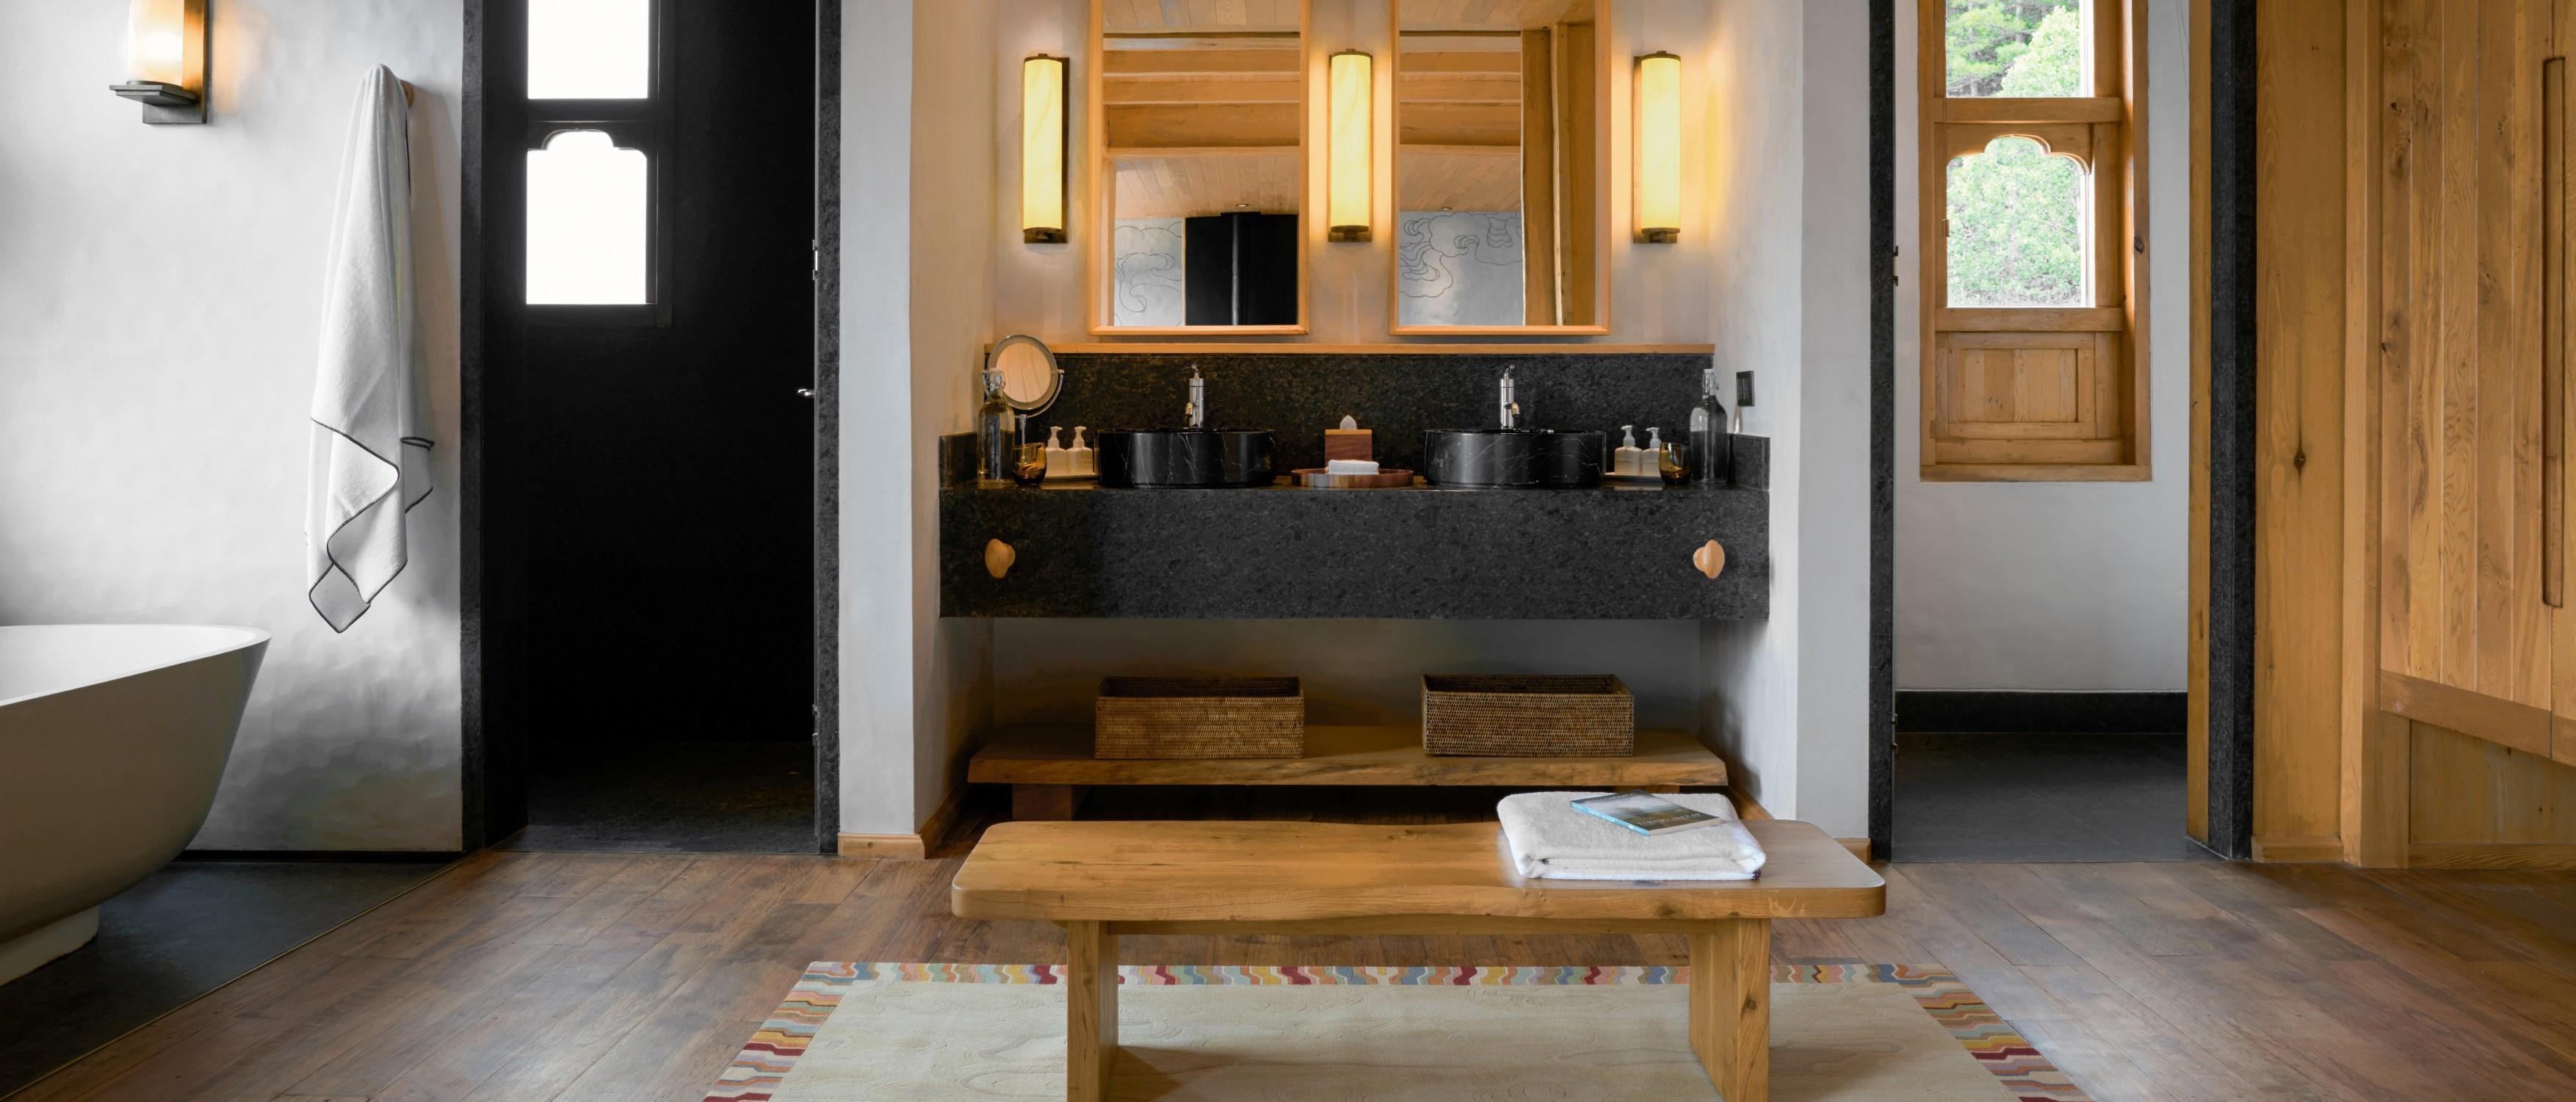 six-senses-thimphu-suite-bath